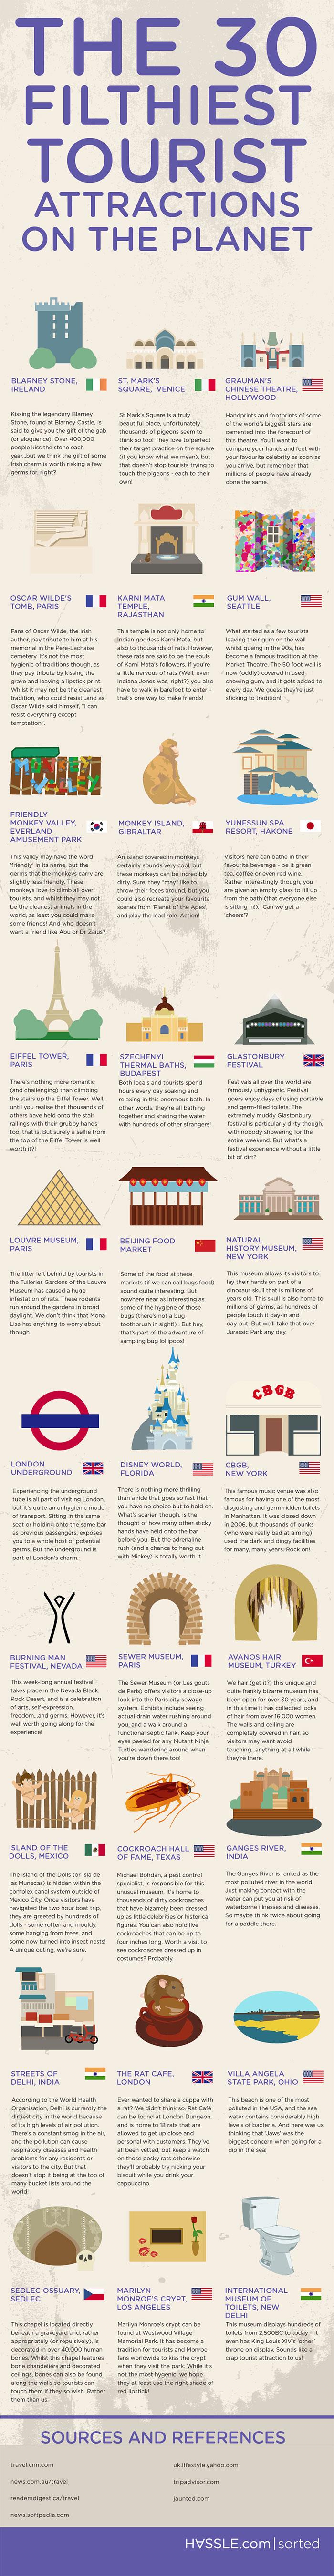 Las 30 atracciones turísticas más insalubres del Mundo